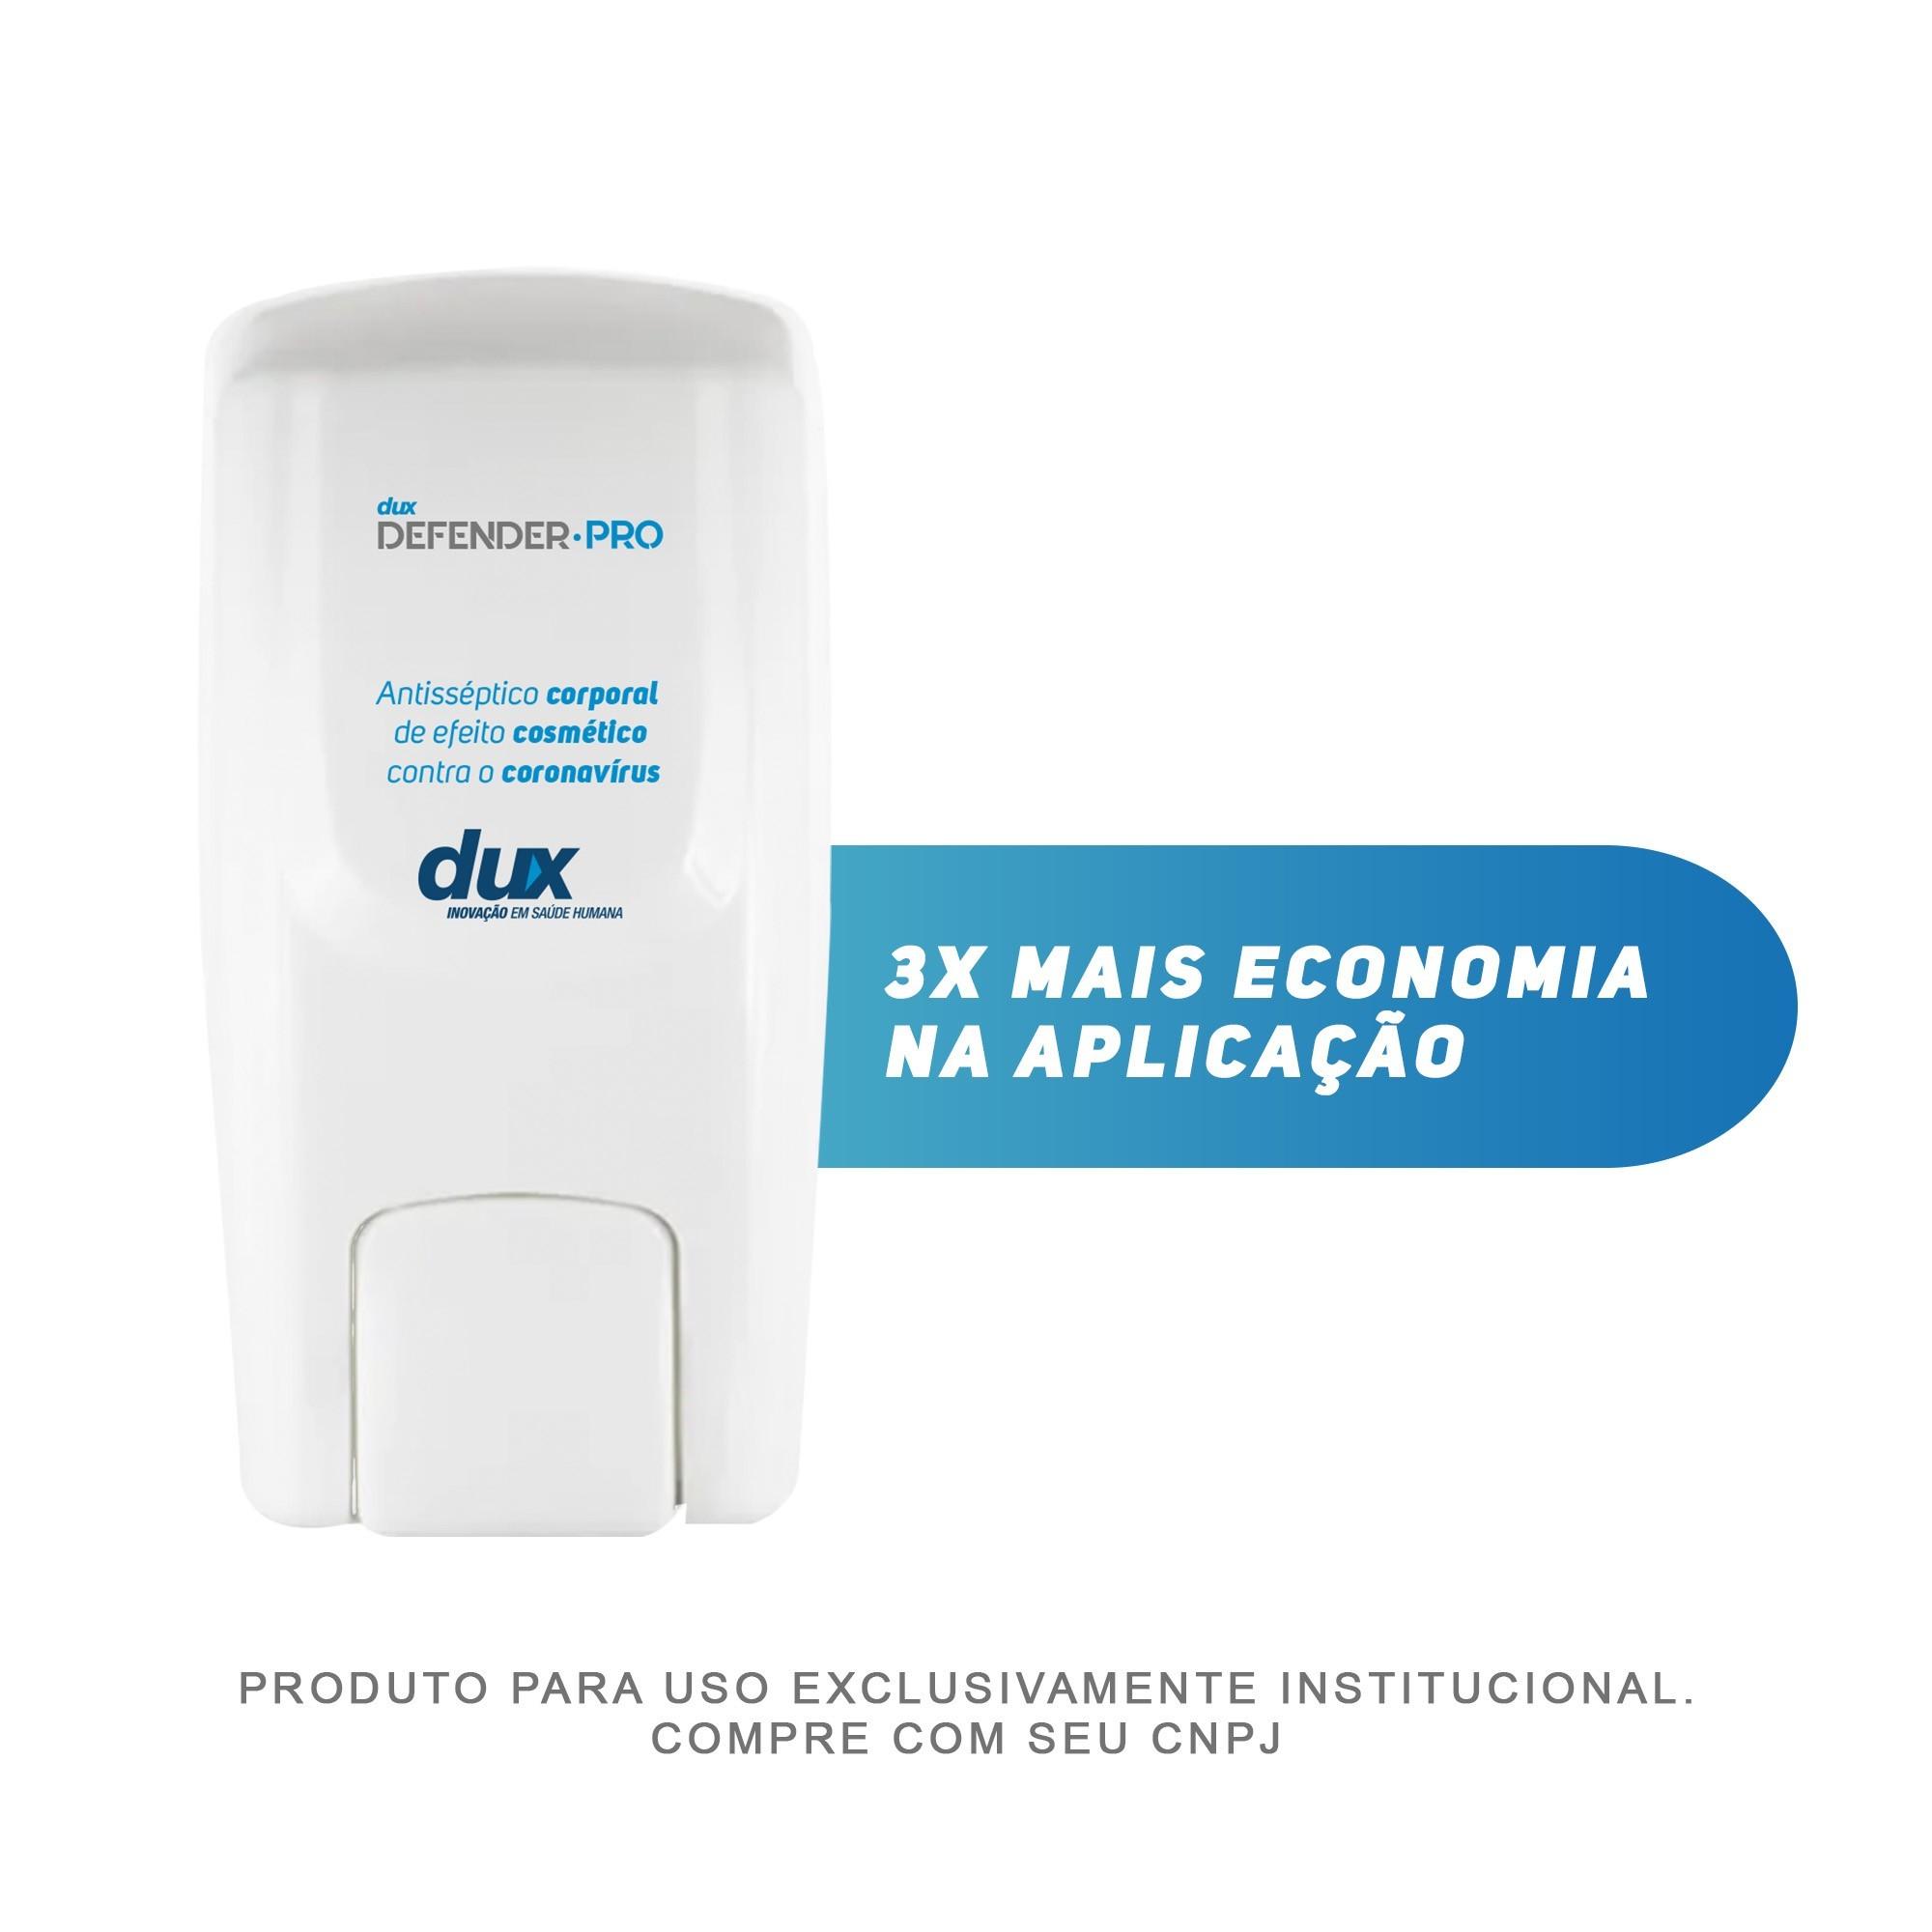 Combo 5 litros de Dux Defender Pro + 1 Dispenser Century